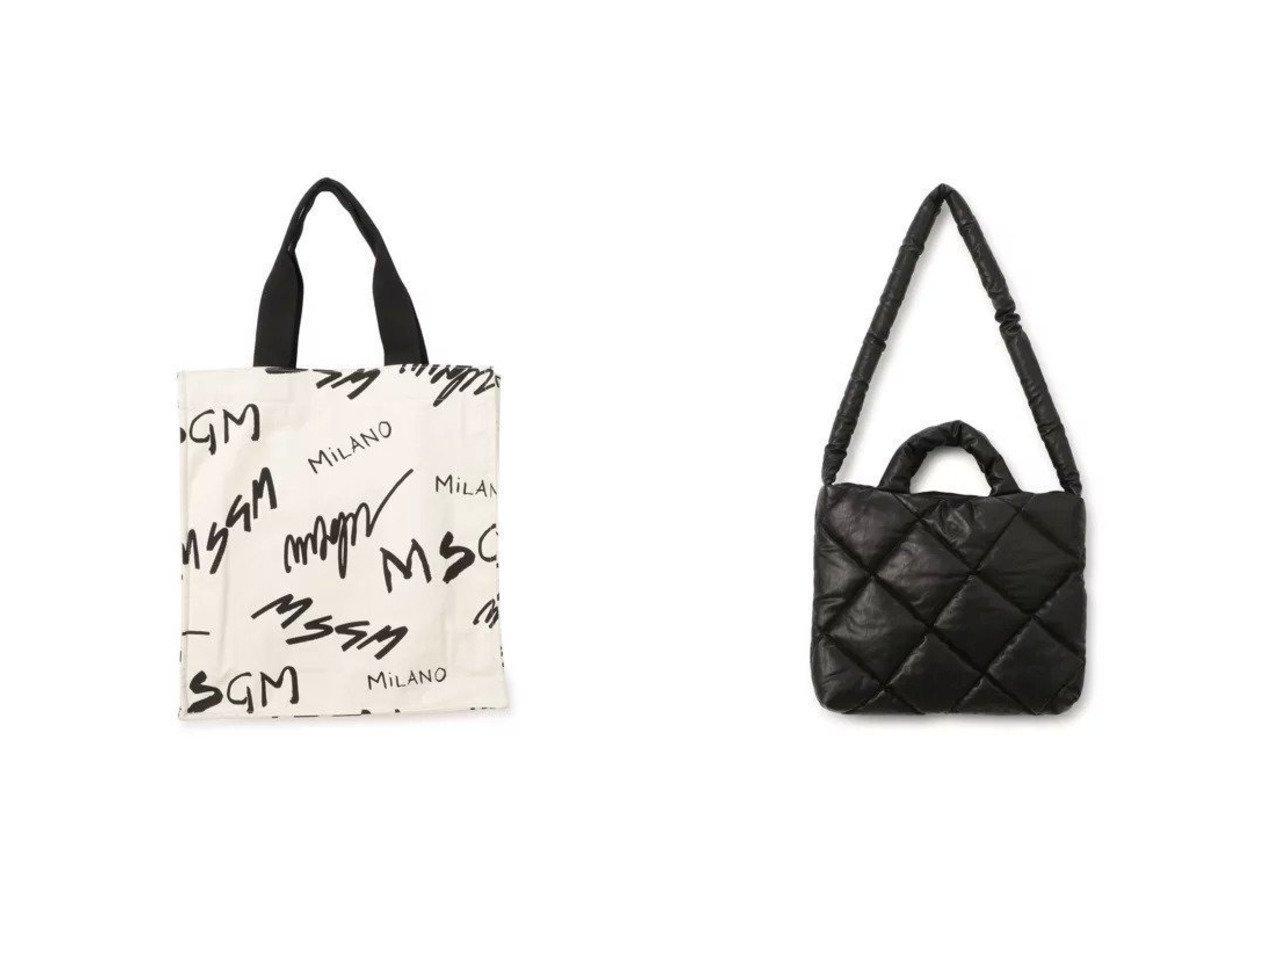 【KASSL EDITIONS/カッスル エディションズ】のBAG PILLOW SMALL QUILTED&【MSGM/エムエスジーエム】のTOTE BAG 【バッグ・鞄】おすすめ!人気、トレンド・レディースファッションの通販 おすすめで人気の流行・トレンド、ファッションの通販商品 メンズファッション・キッズファッション・インテリア・家具・レディースファッション・服の通販 founy(ファニー) https://founy.com/ ファッション Fashion レディースファッション WOMEN バッグ Bag 2021年 2021 2021春夏・S/S SS/Spring/Summer/2021 S/S・春夏 SS・Spring/Summer クール フォルム |ID:crp329100000039549